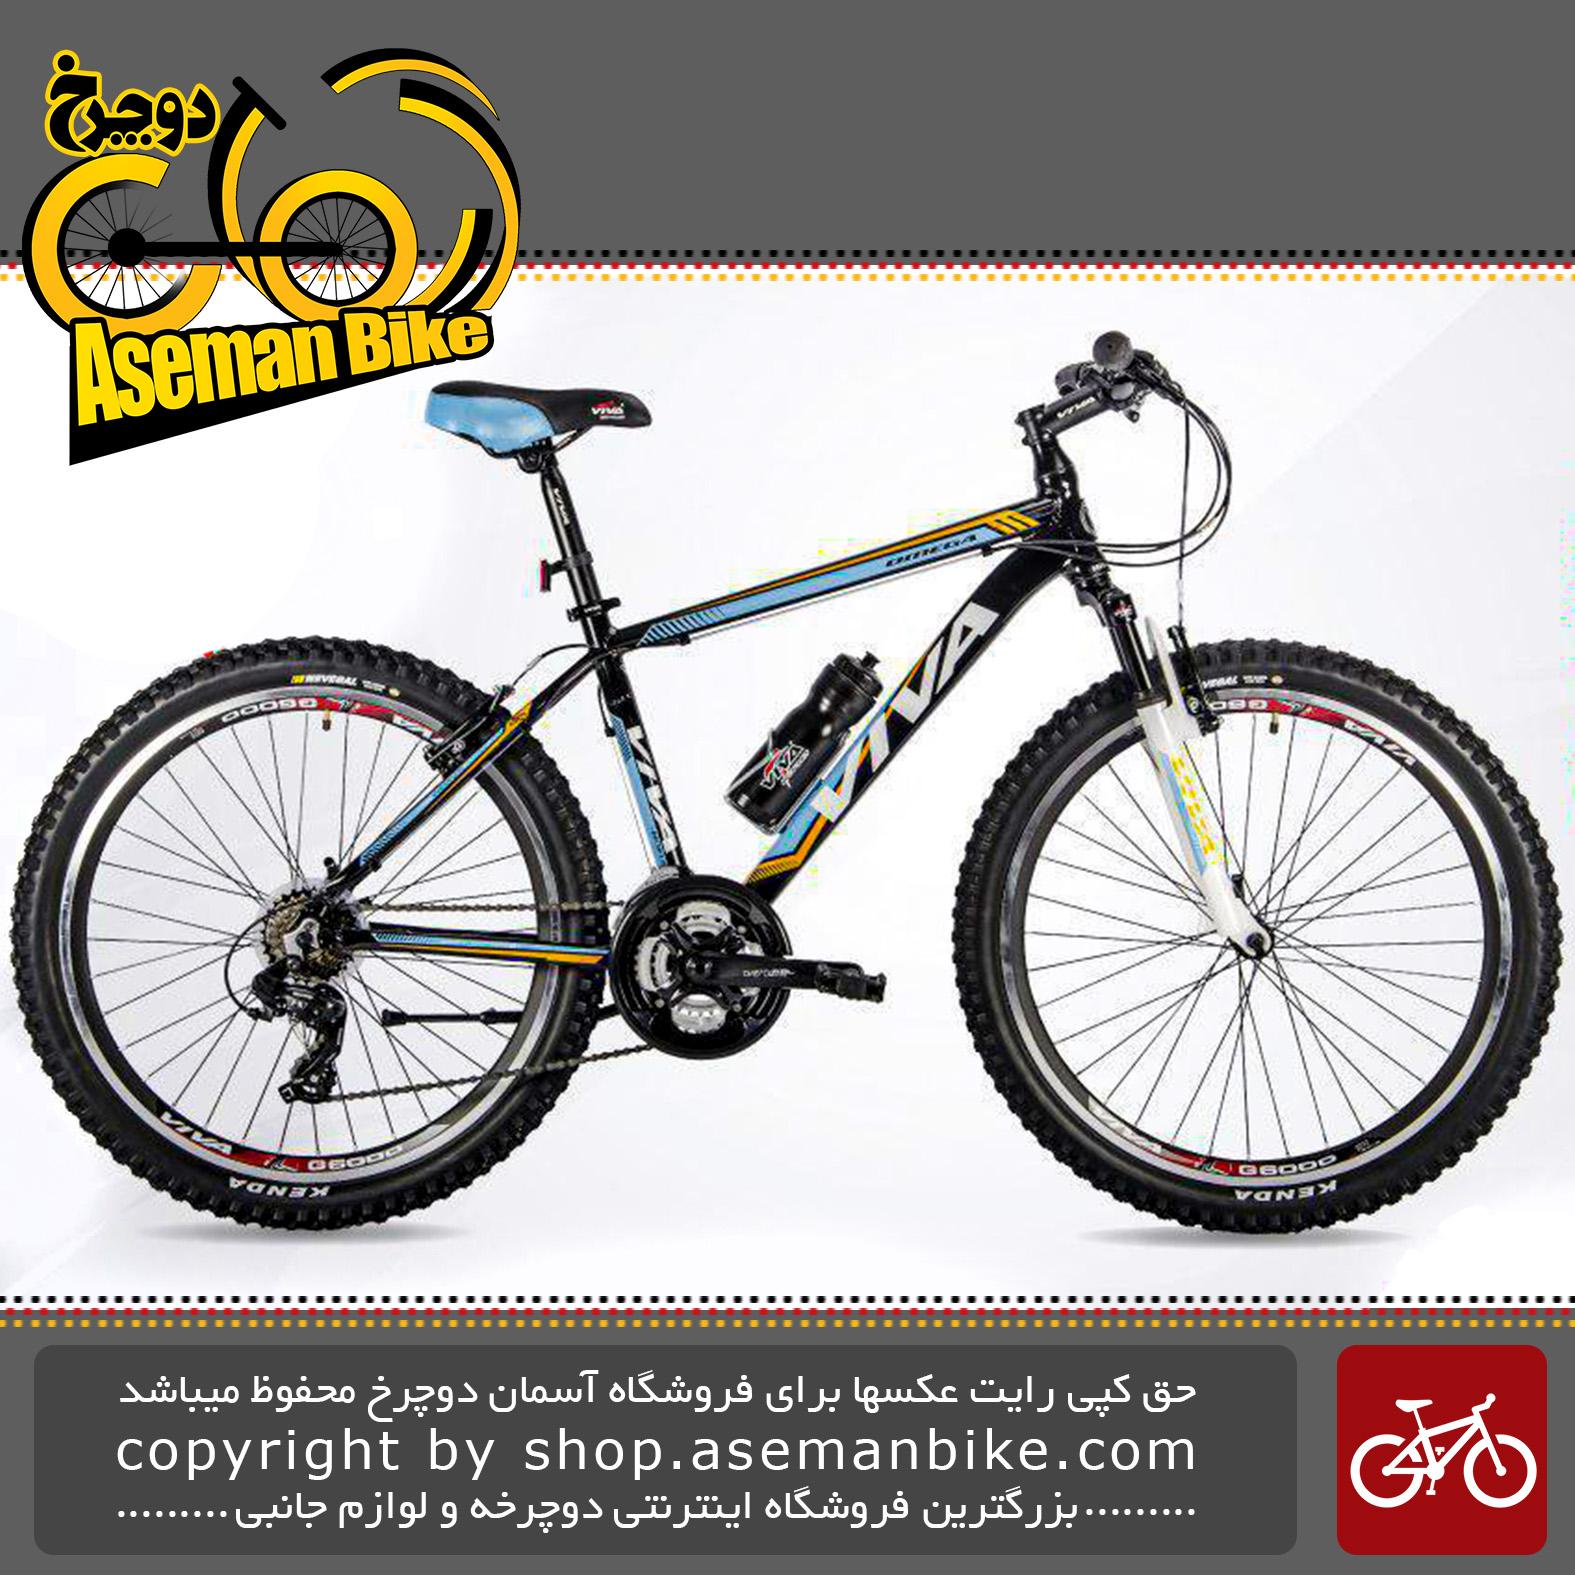 نمایندگی دوچرخه کوهستان شهری ویوا مدل امگا 21 دنده شیمانو سایز 26 Viva Mountain City Bicycle OMEGA 17 26 2018